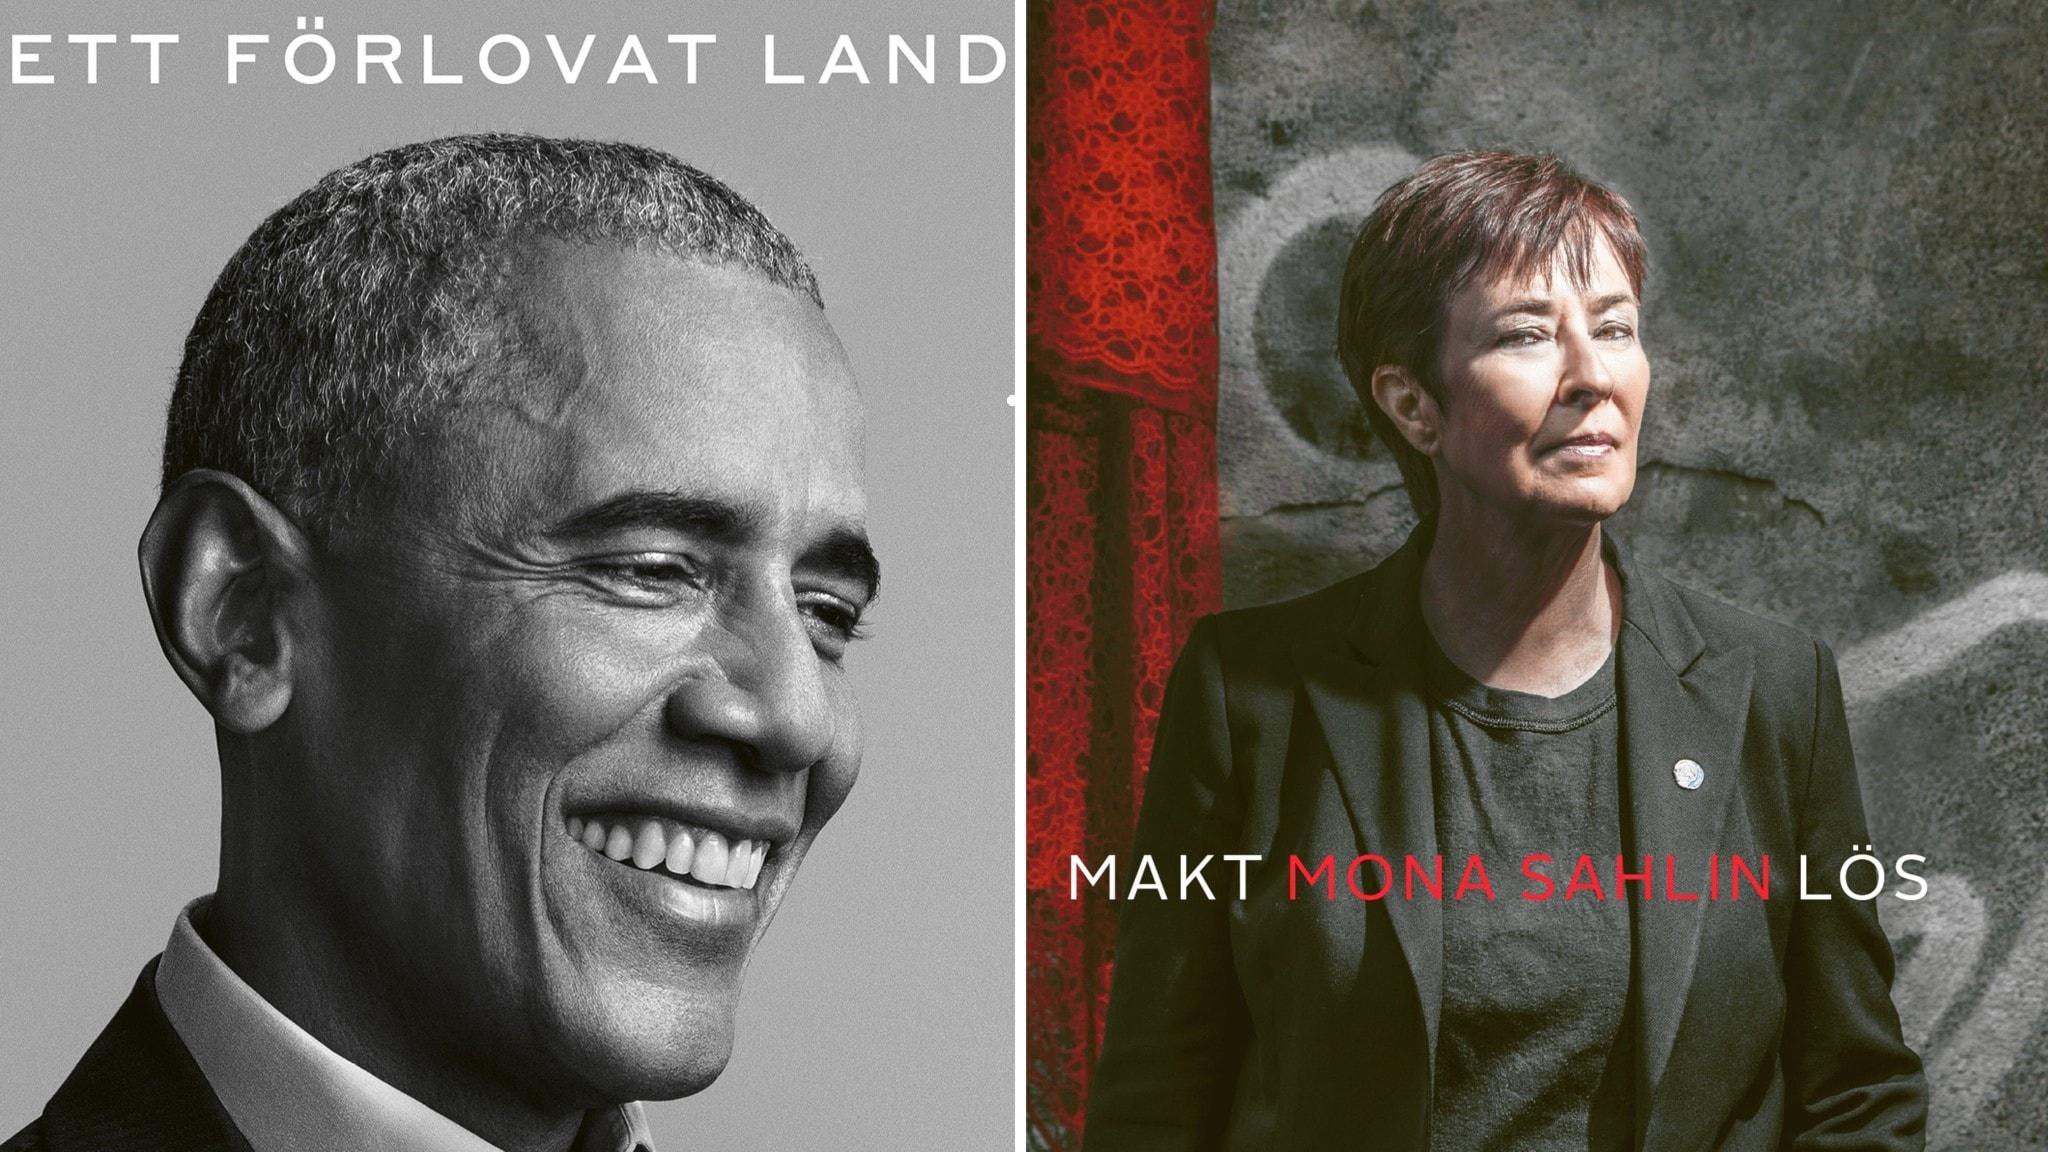 Både Barack Obama och Mona Sahlin har gett ut böcker.